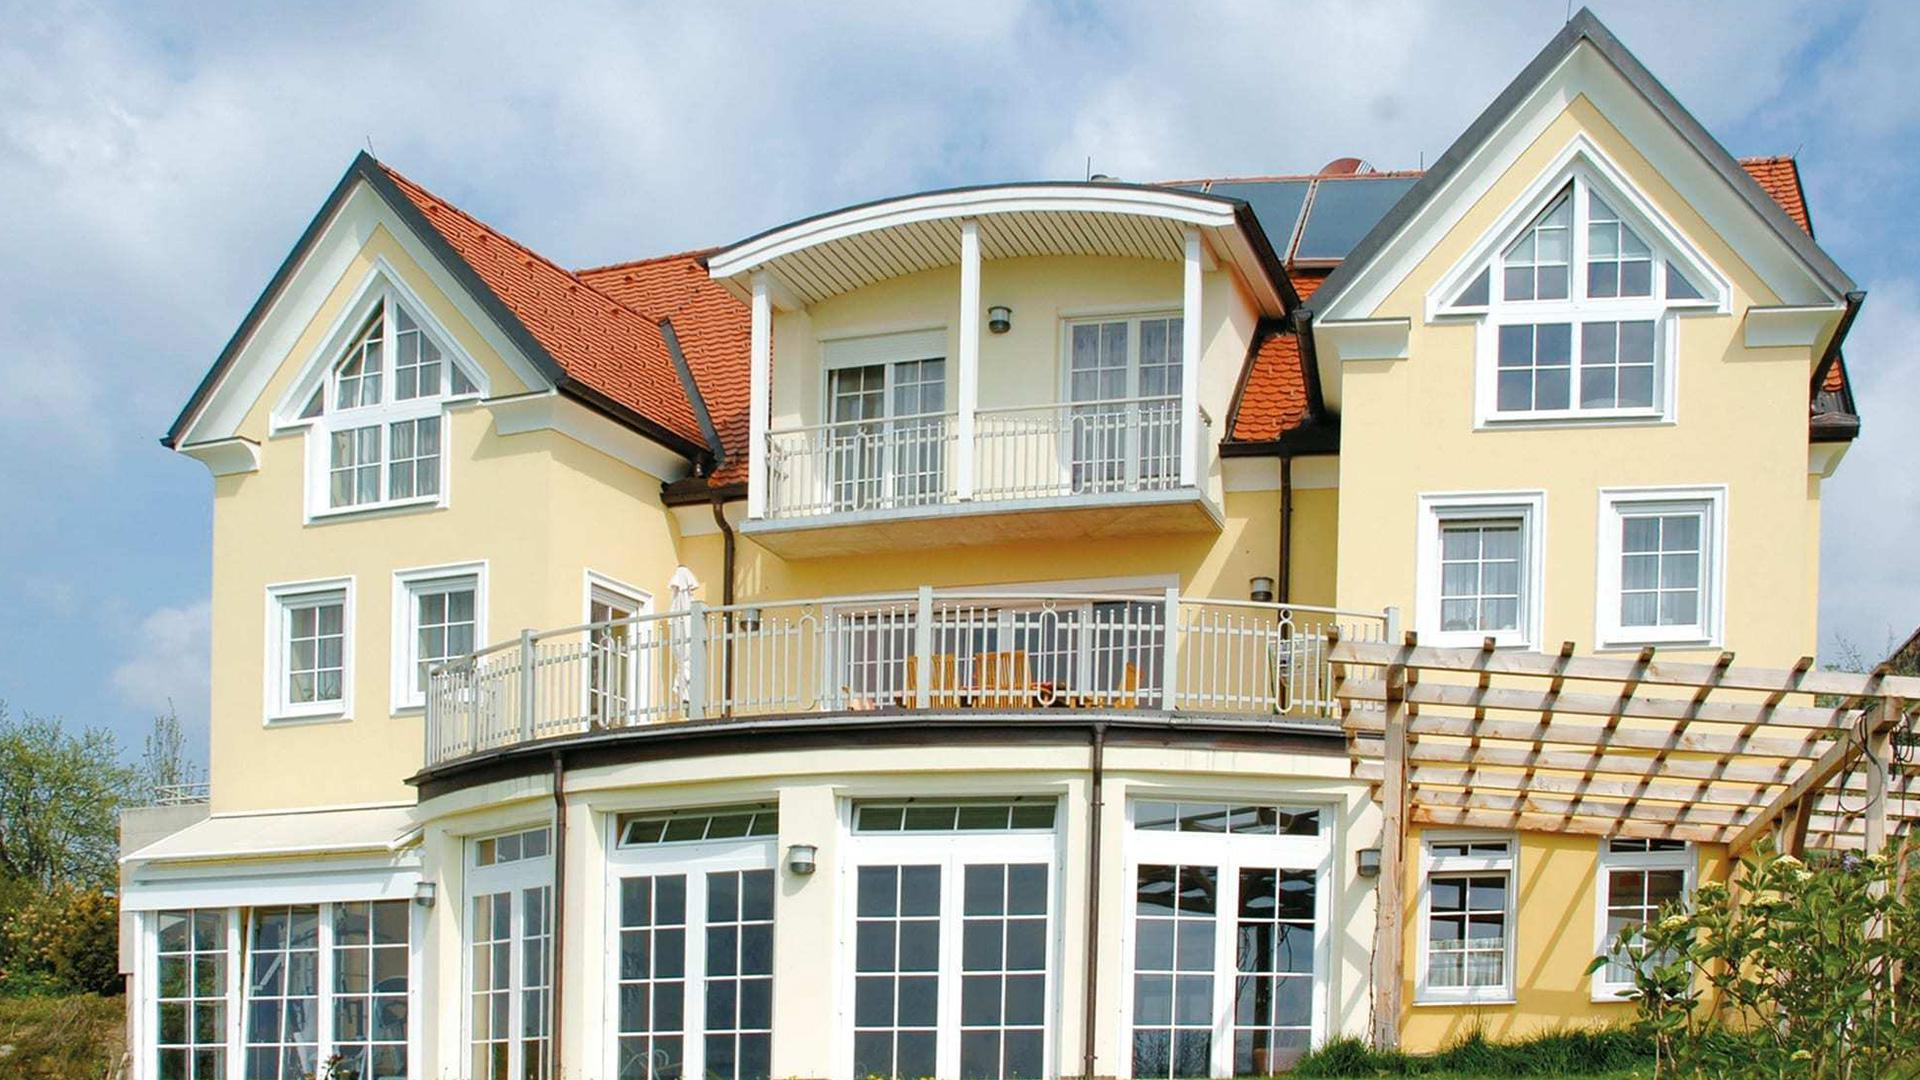 hellgelbes Haus mit vielen Fenstern und langer Fensterfront im Erdgeschoss